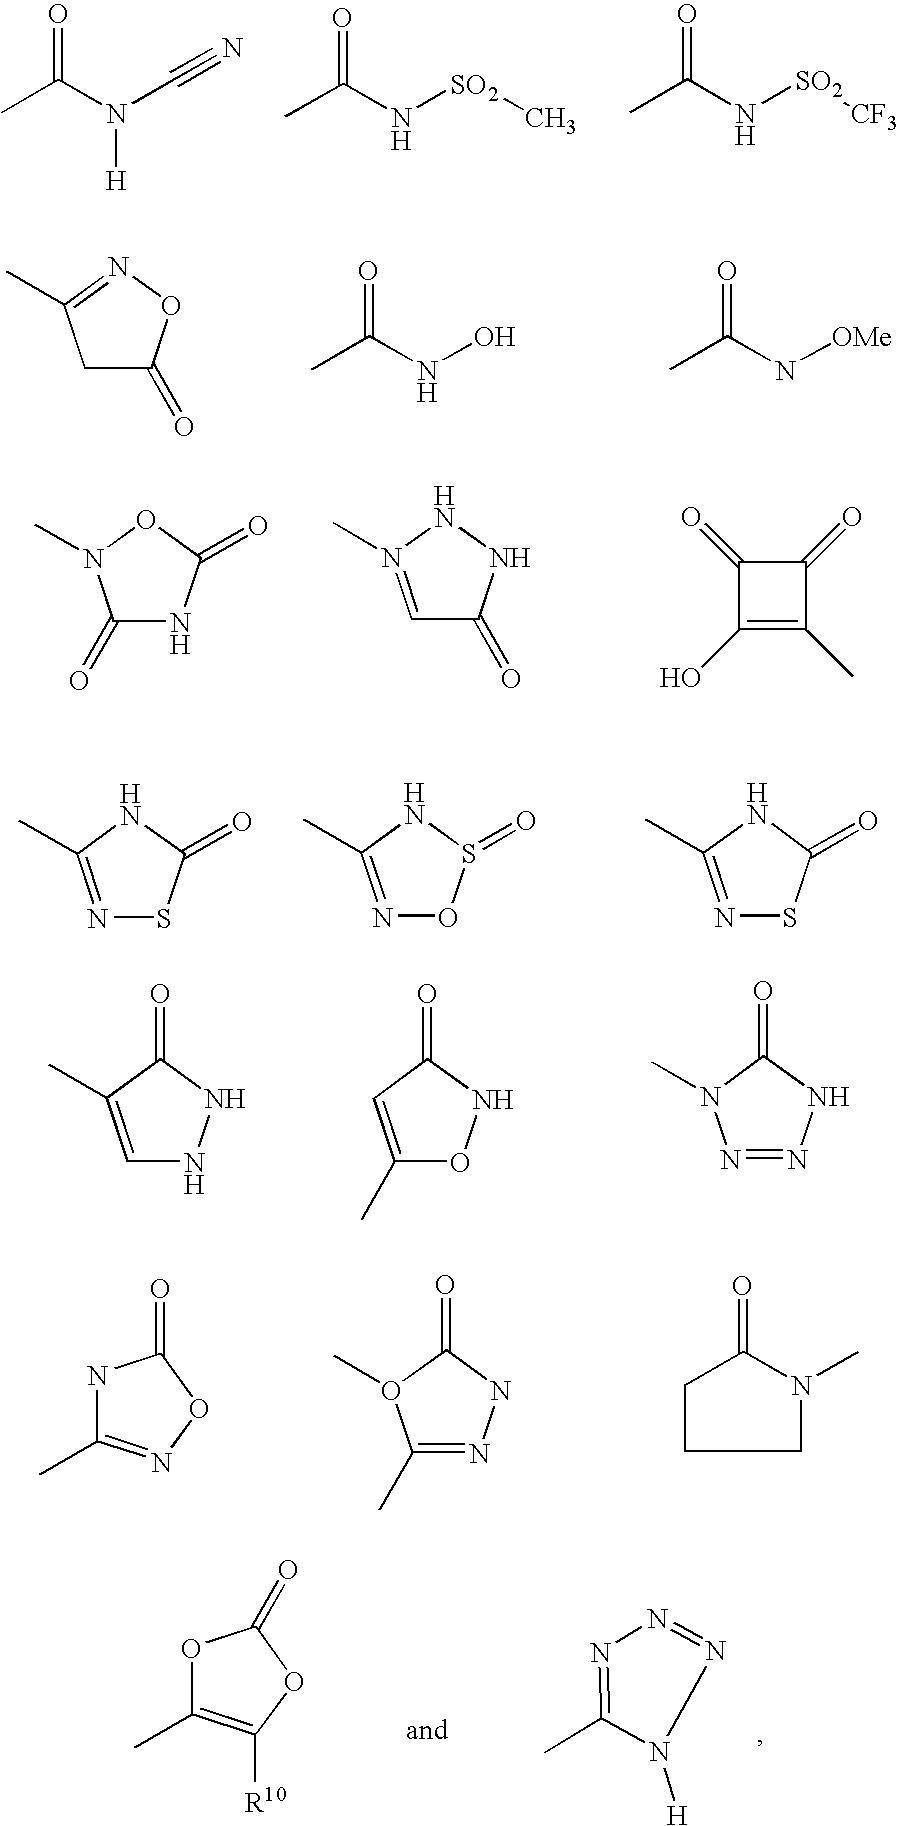 Figure US20050009827A1-20050113-C00010